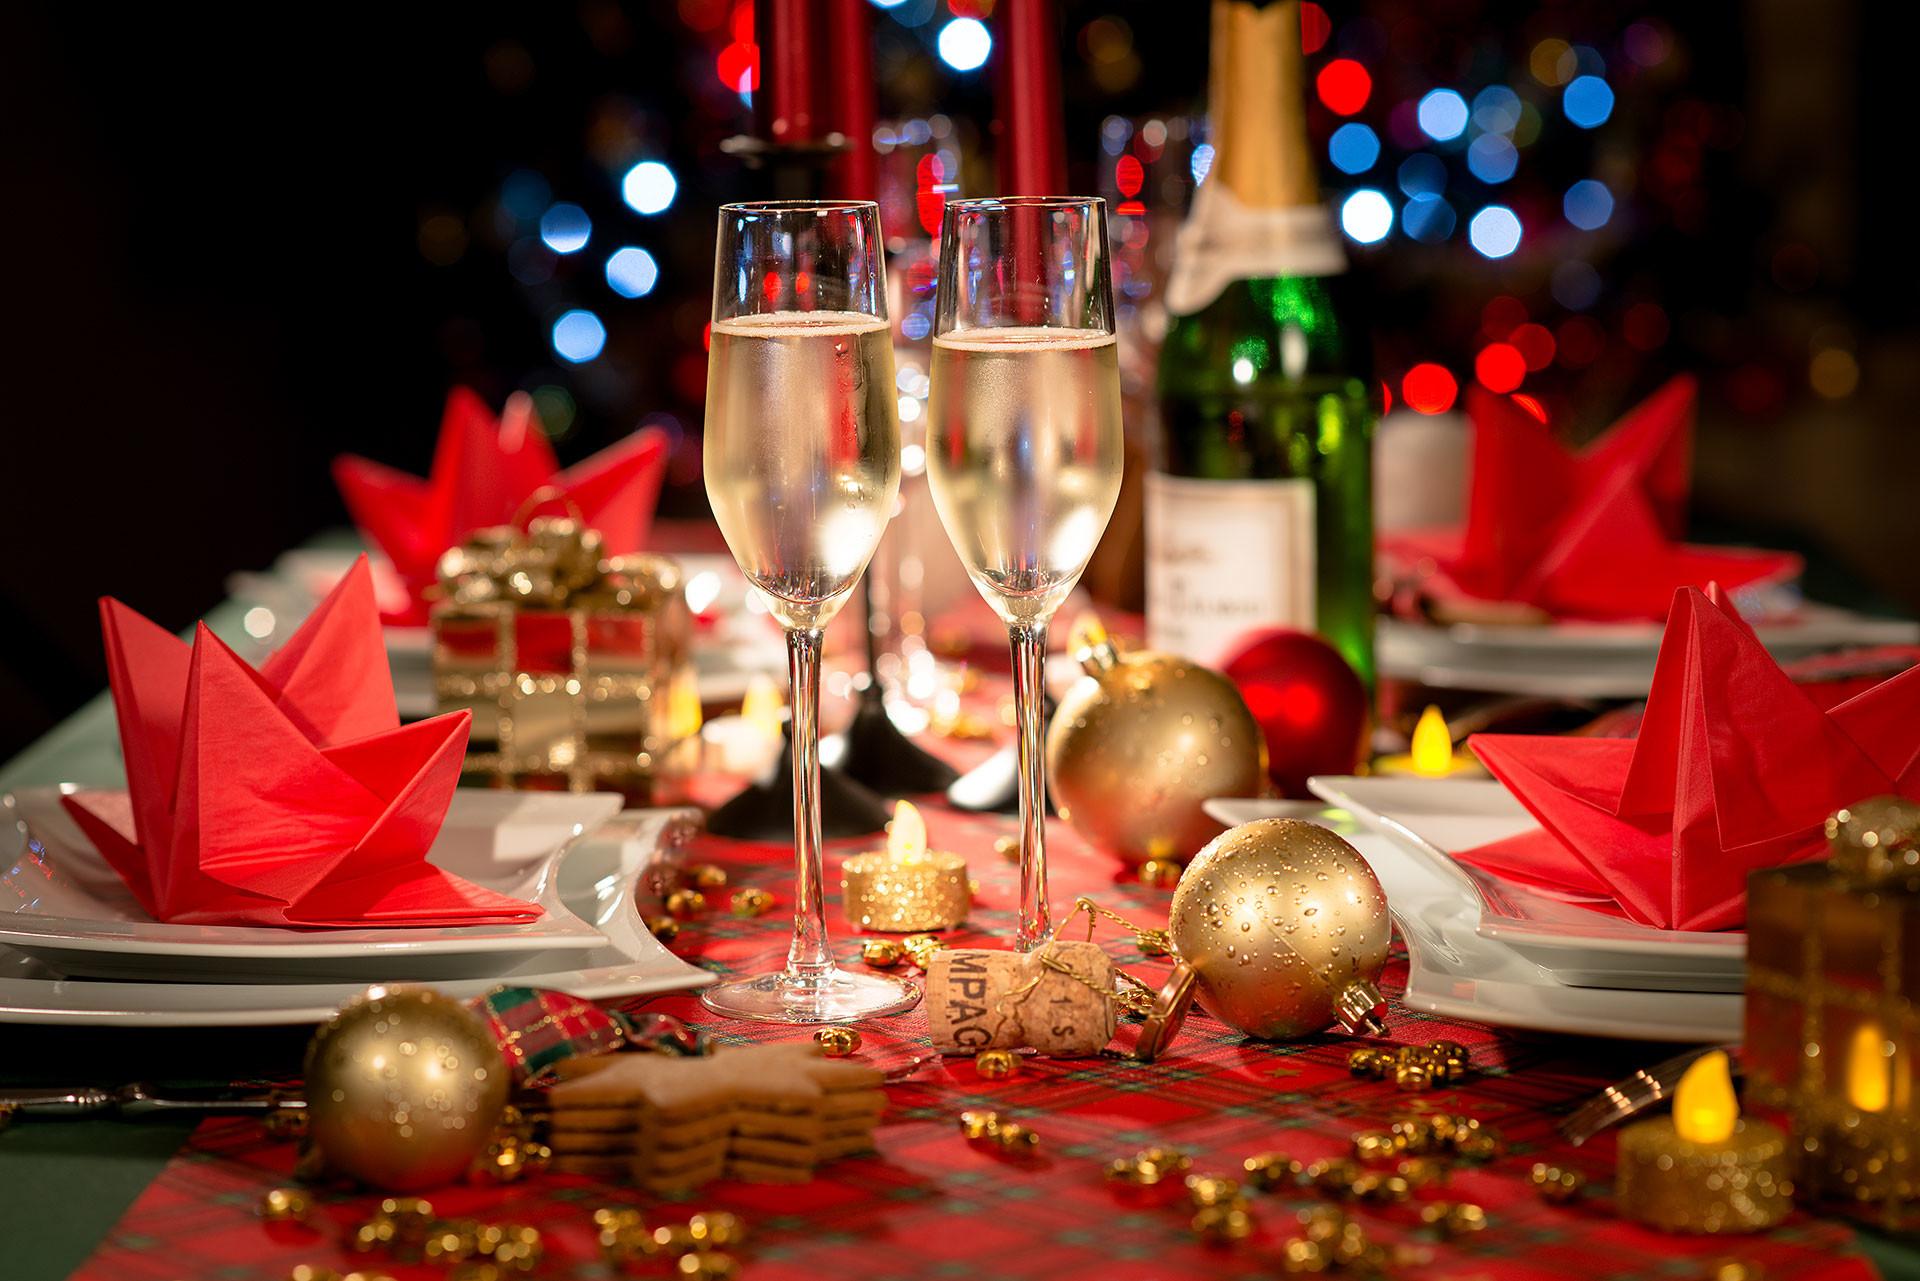 главная новогодний ужин картинки гуманитарный